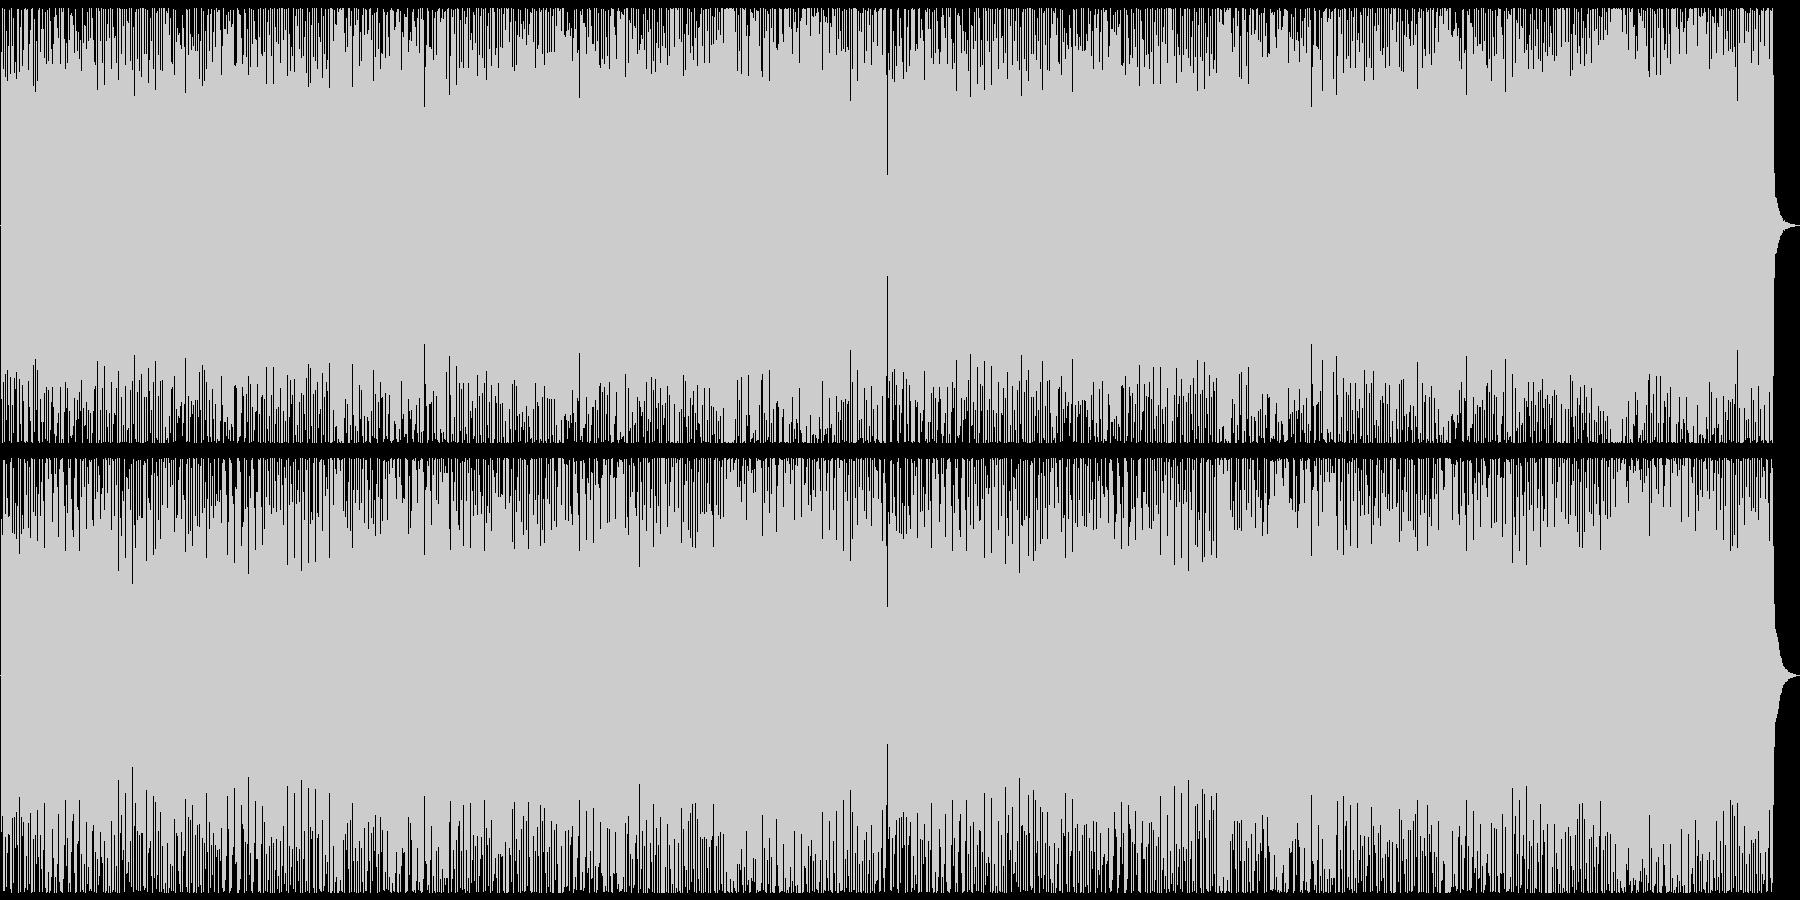 ポップなエスニック戦闘曲の未再生の波形